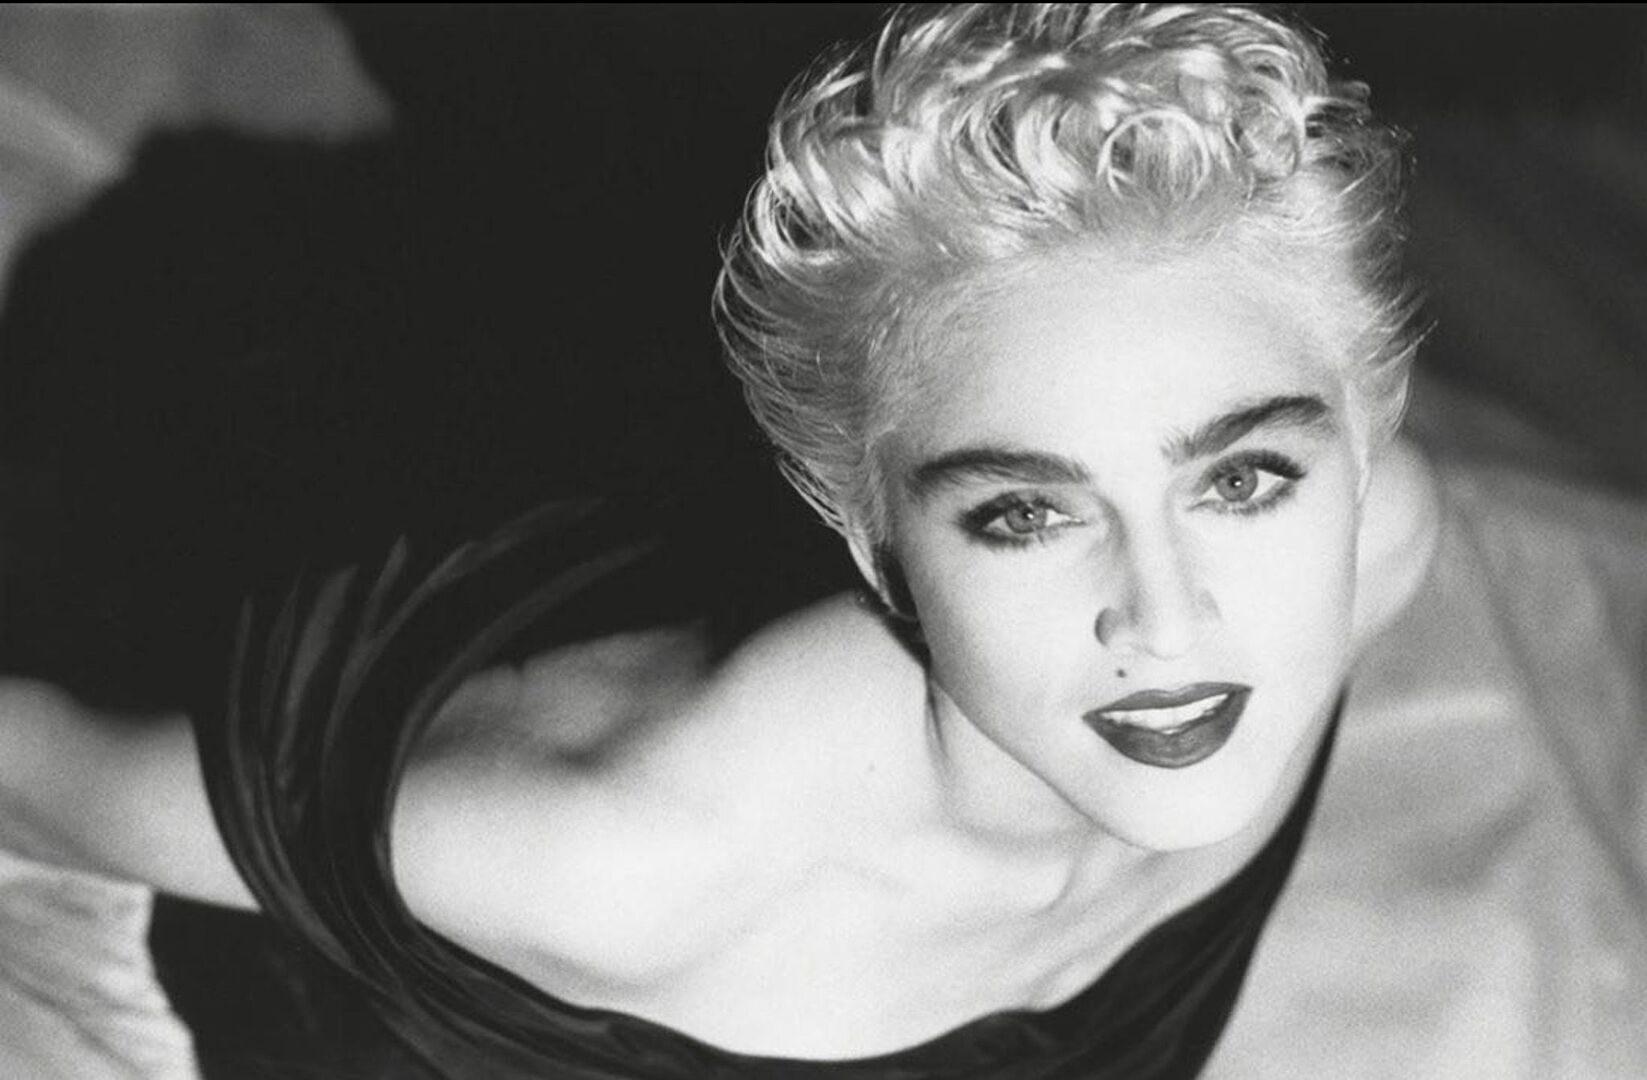 Дискография Мадонны как зеркало эволюции цифровой грамзаписи